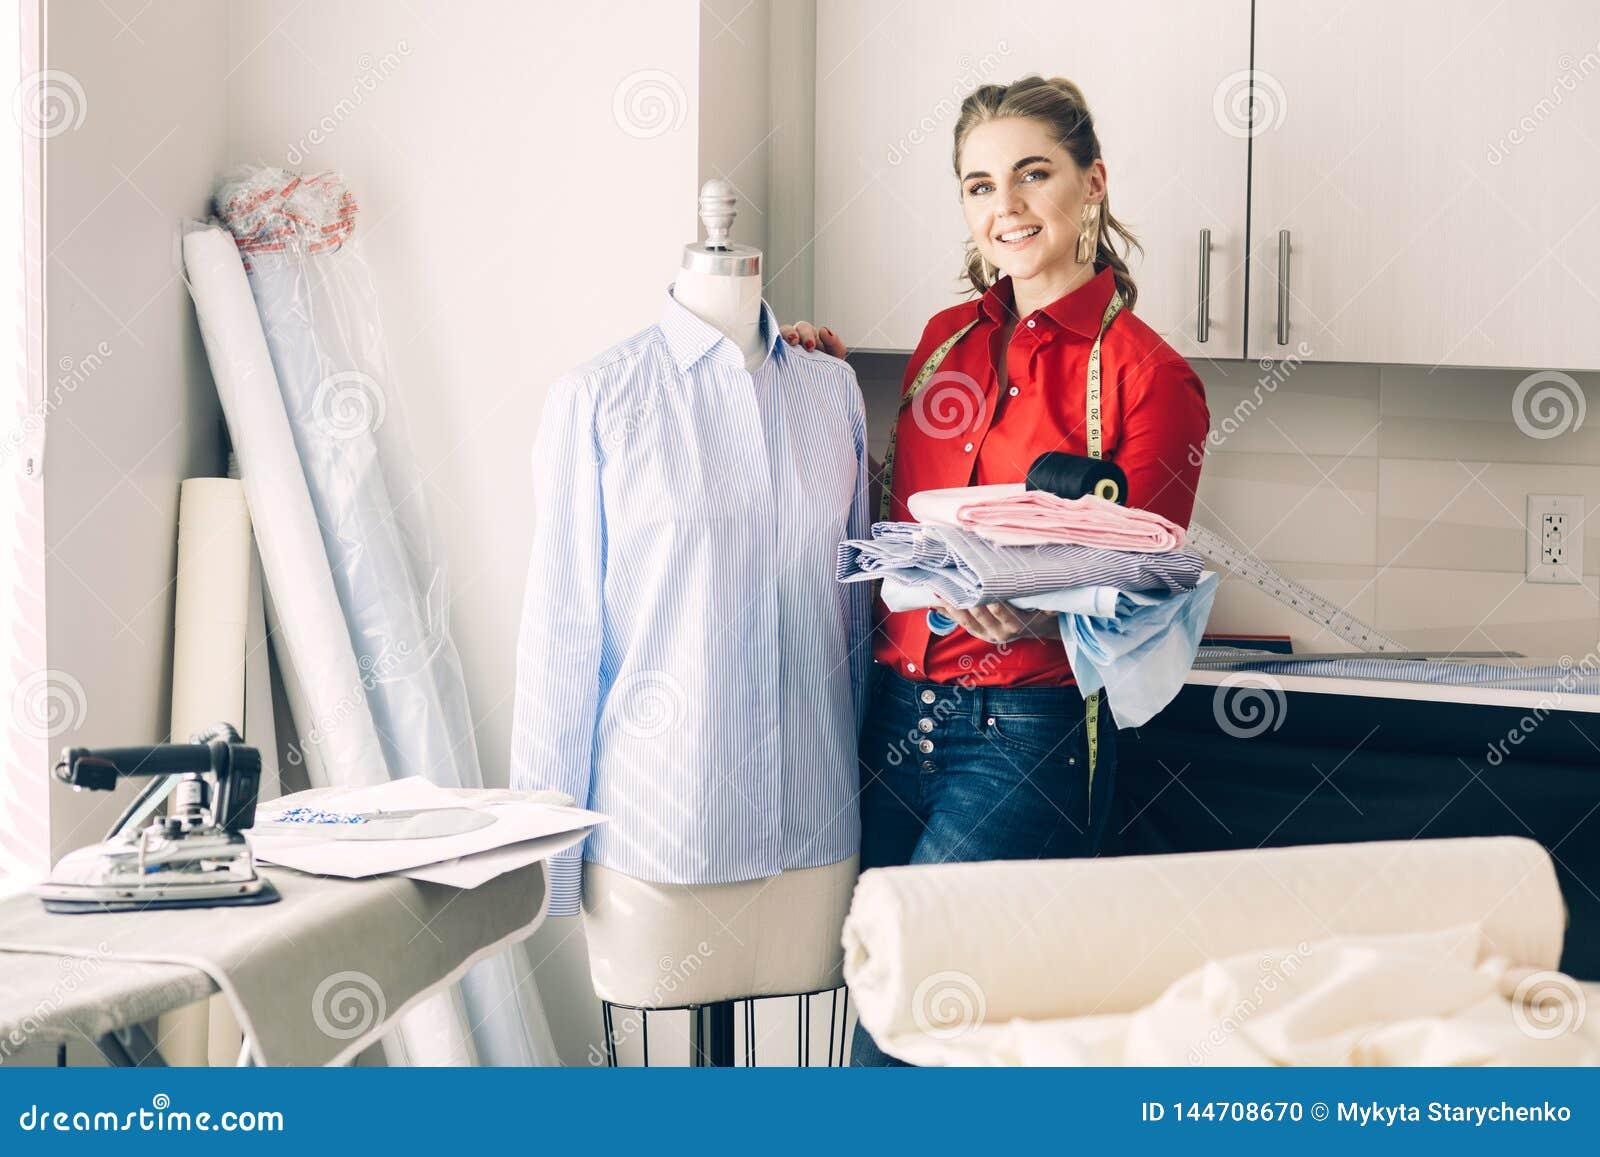 Gelukkige kleermakersvrouw met nieuwe kleren en kleermakershulpmiddelen in haar atelier van de ontwerpstudio